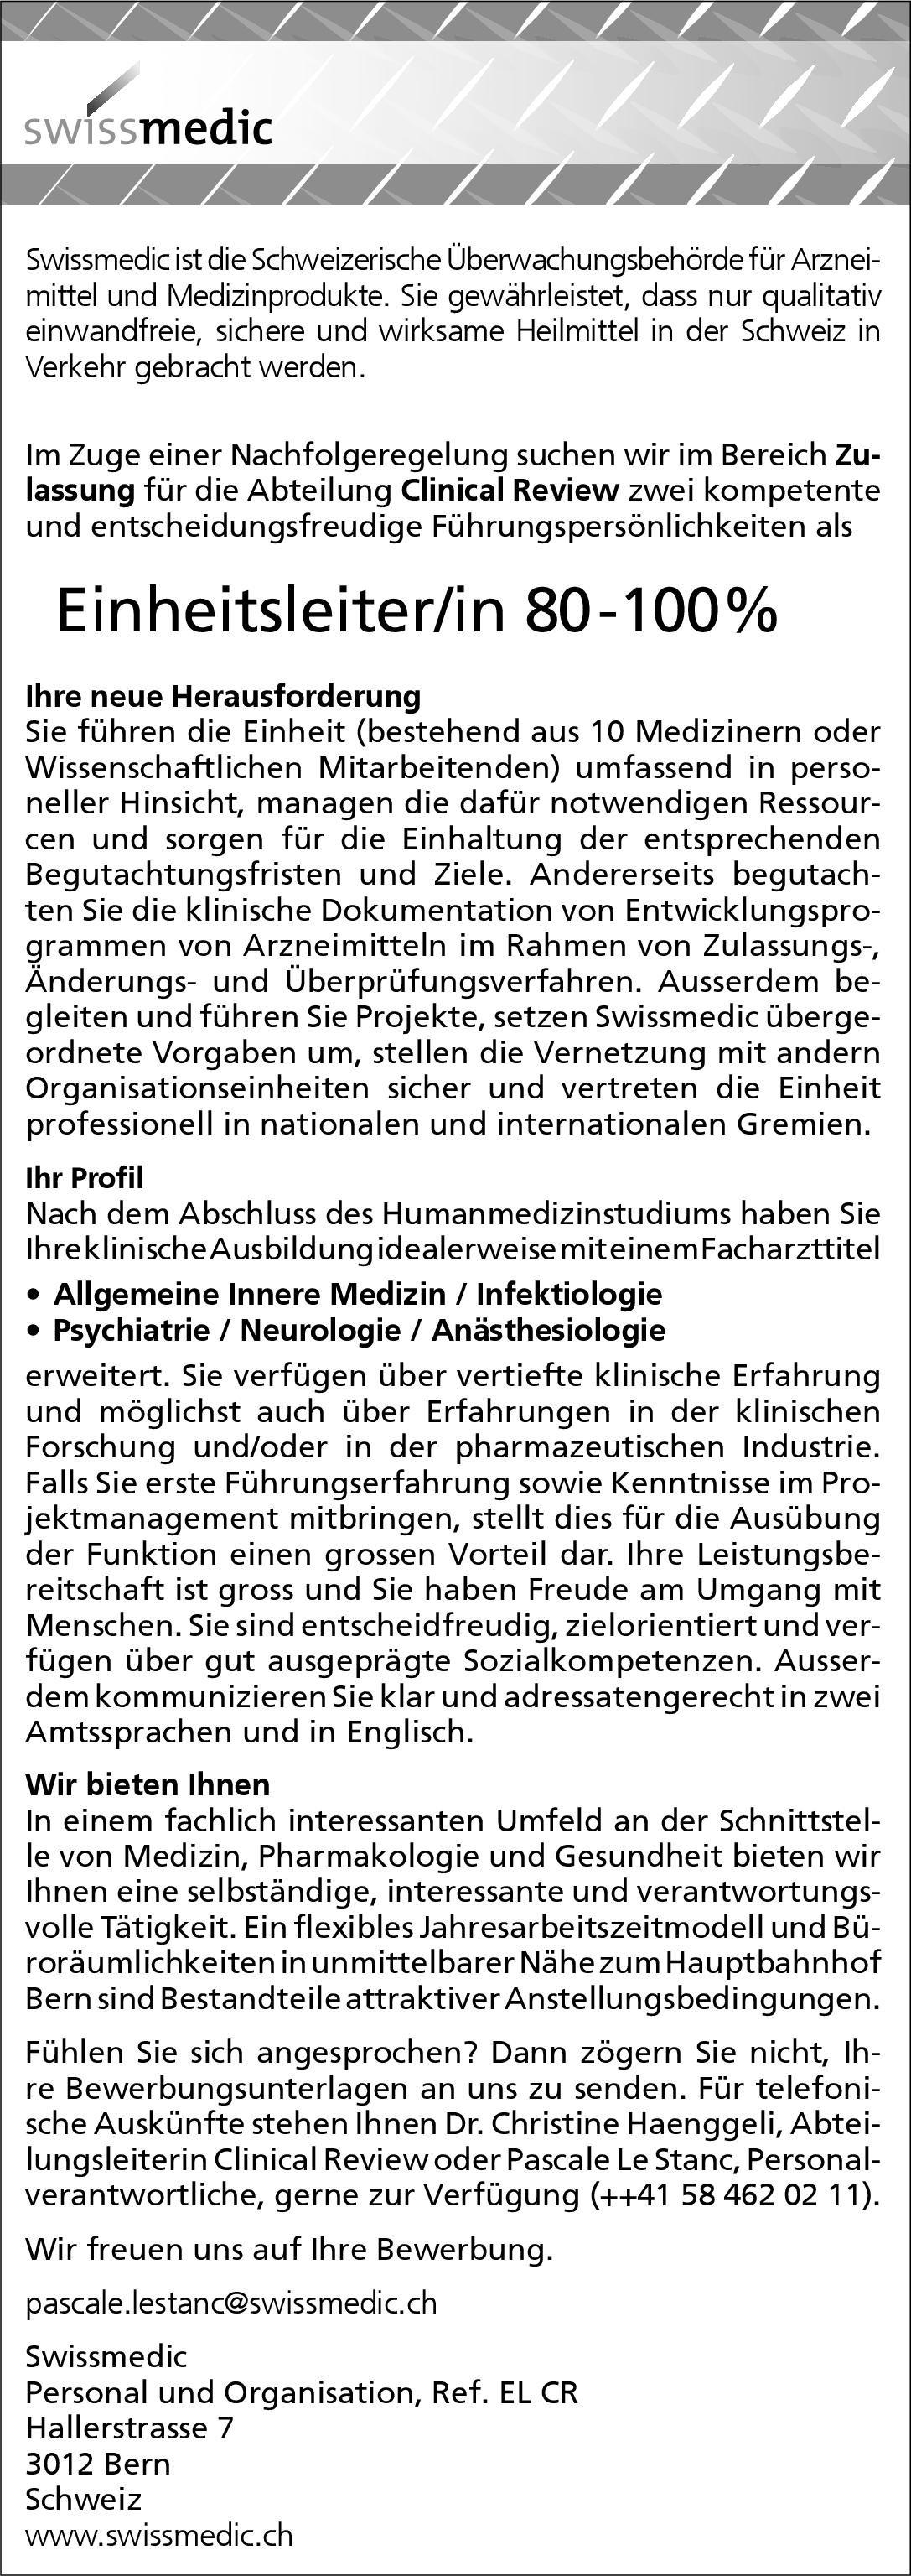 Swissmedic Einheitsleiter/in 80-100%  Innere Medizin, Psychiatrie und Psychotherapie, Allgemeinmedizin Arzt / Facharzt